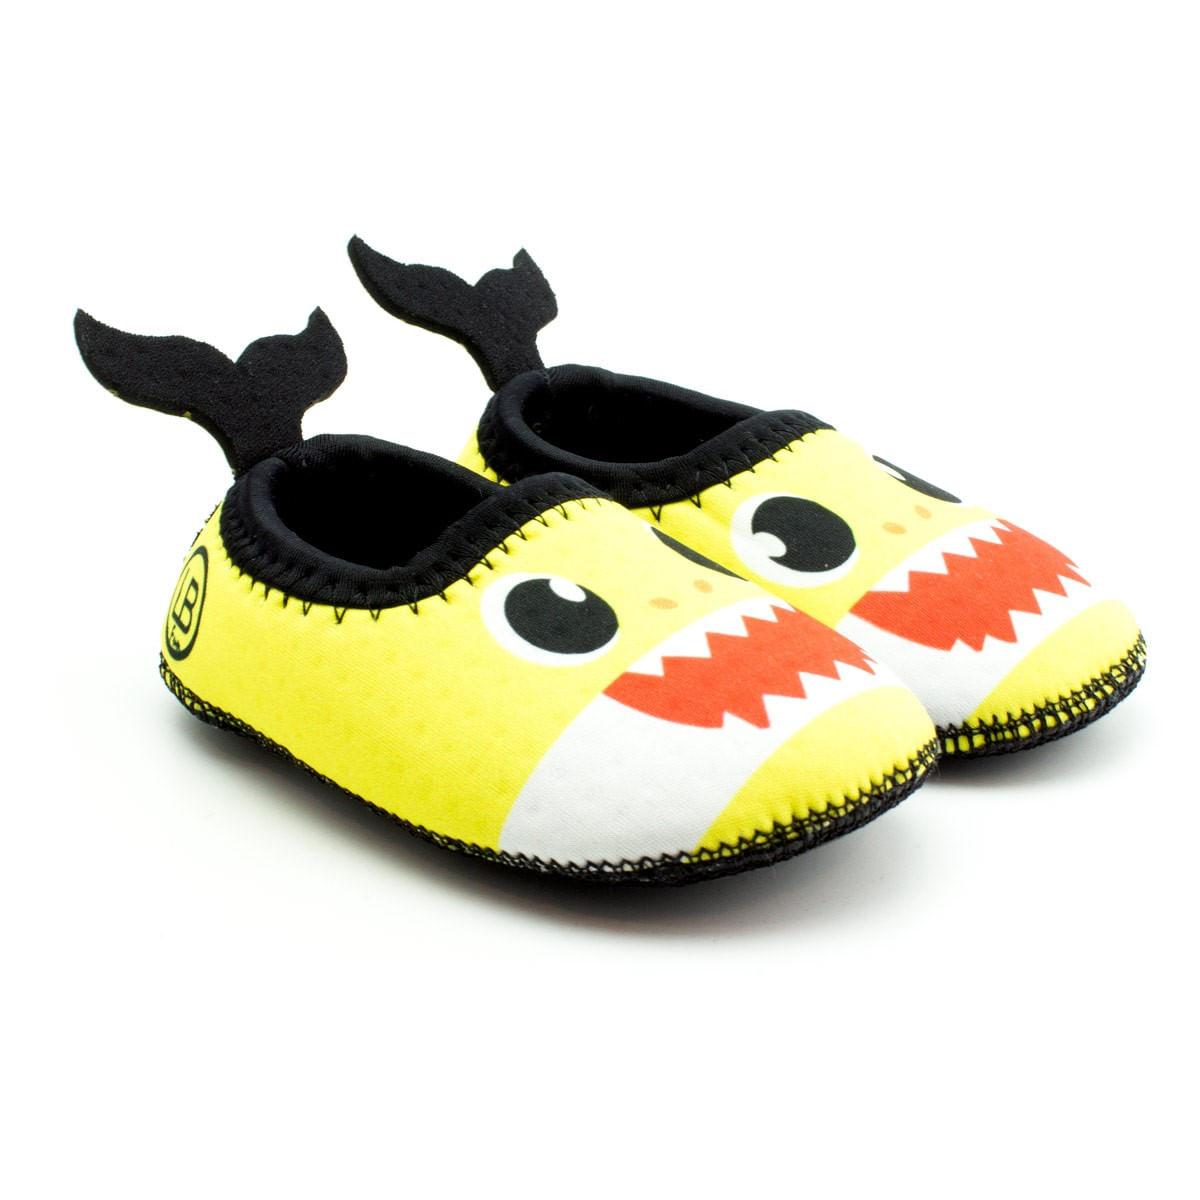 Sapatilha-Sport---Shark-Amarelo-c--Cauda--17-ao-34-